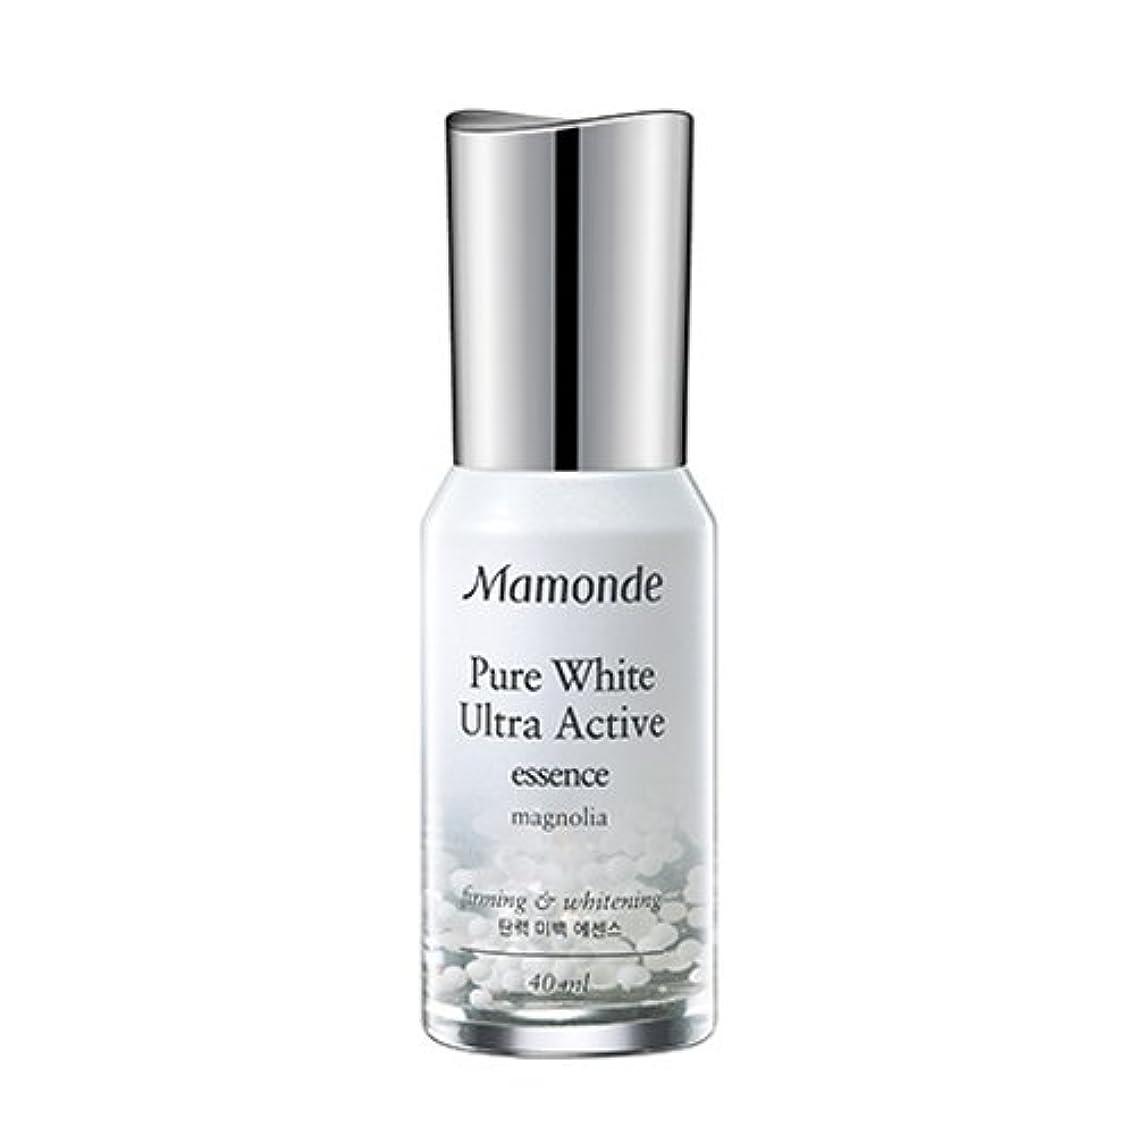 夏教授静的Mamonde Pure White Ultra Active Essence 40ml/マモンド ピュアホワイト ウルトラ アクティブ エッセンス 40ml